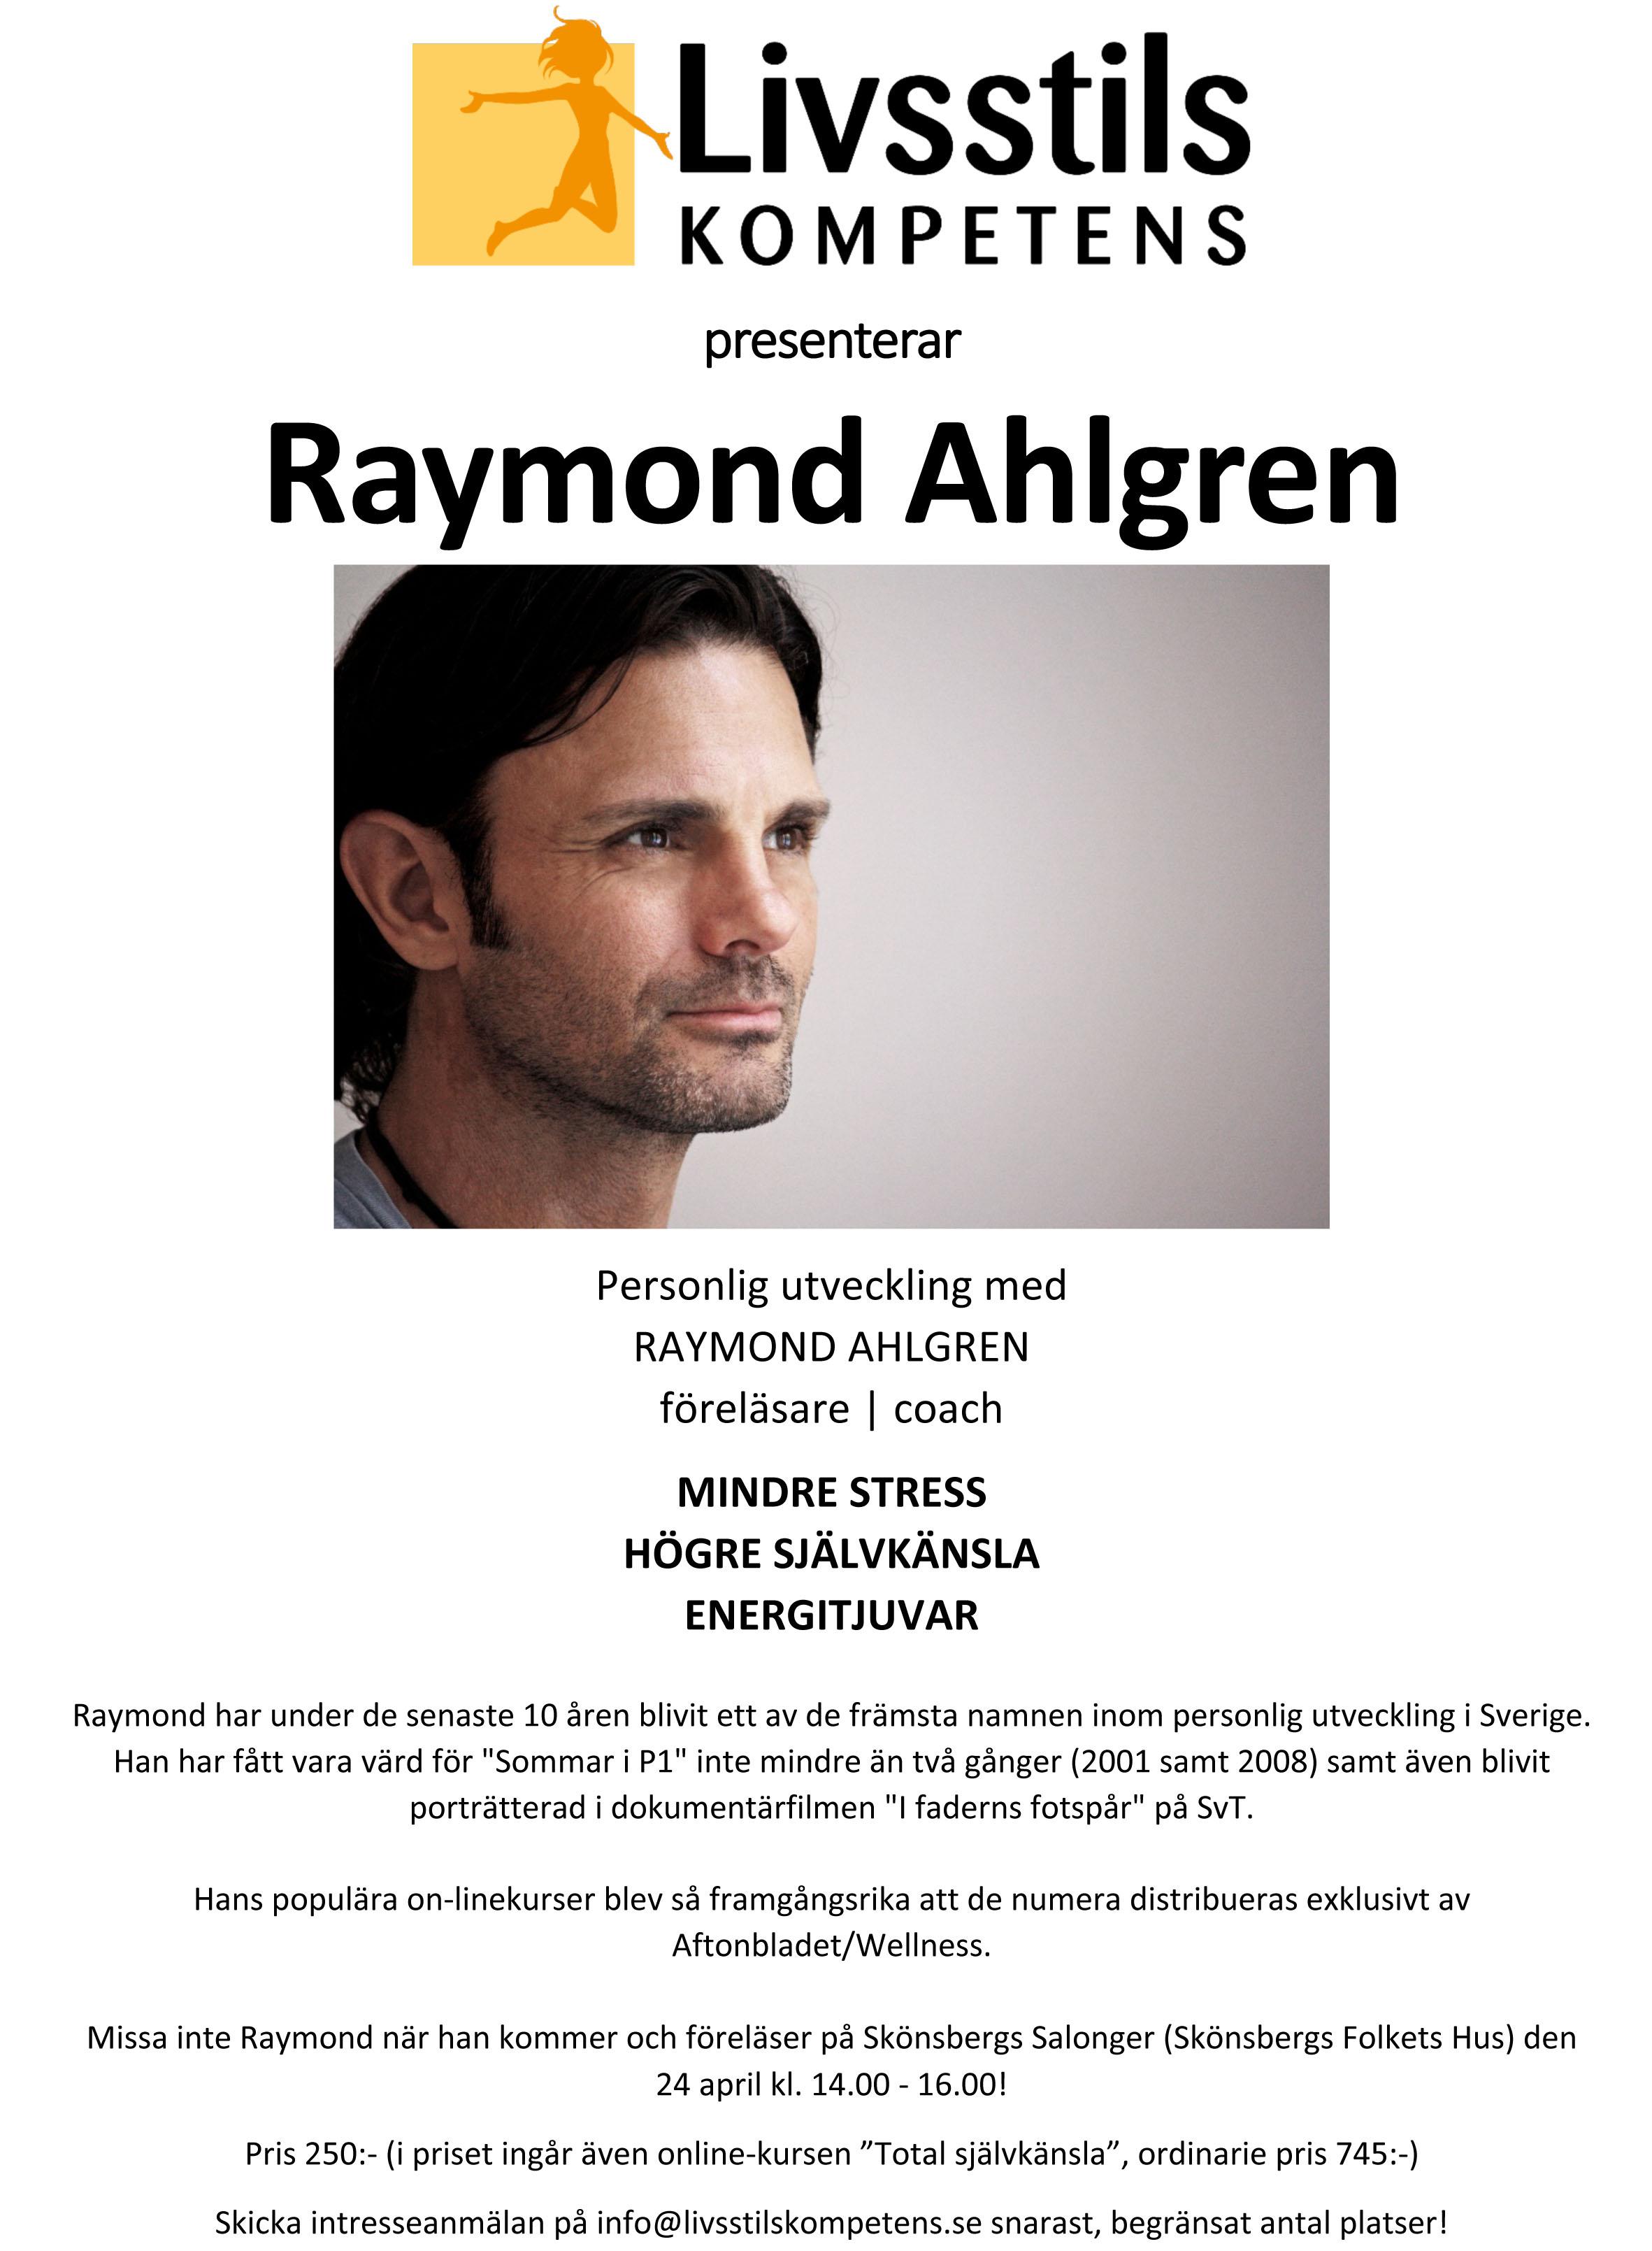 Raymond Ahlgren 24 april